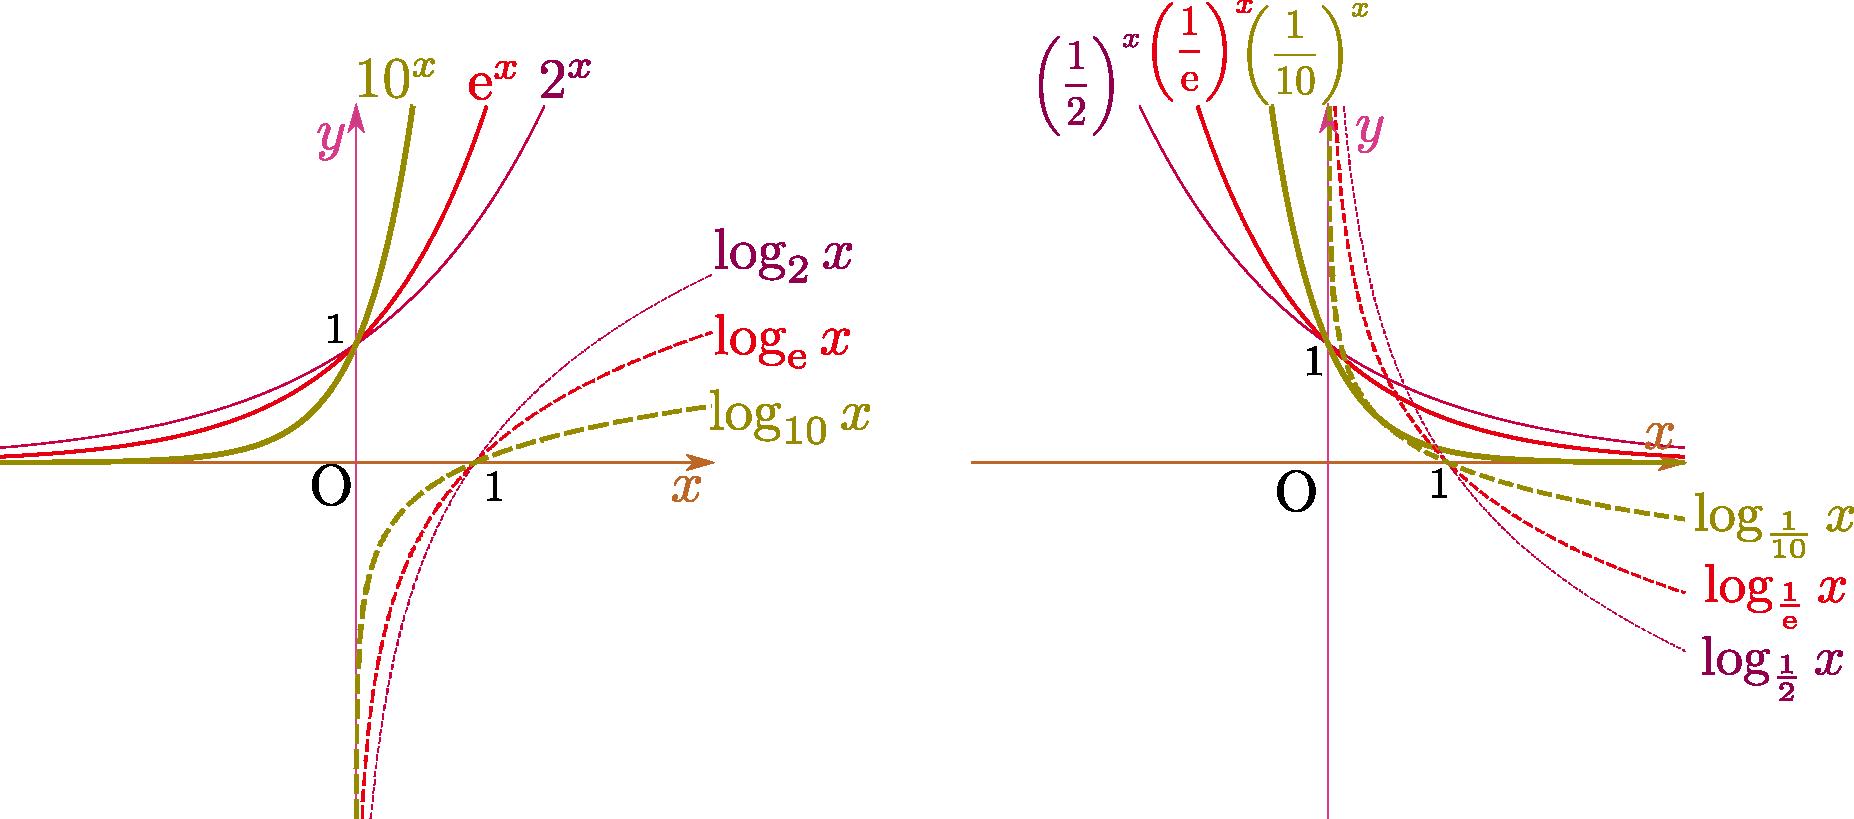 関数 対数 対数関数とは?logの基礎から公式やグラフまで解説! 高校生向け受験応援メディア「受験のミカタ」